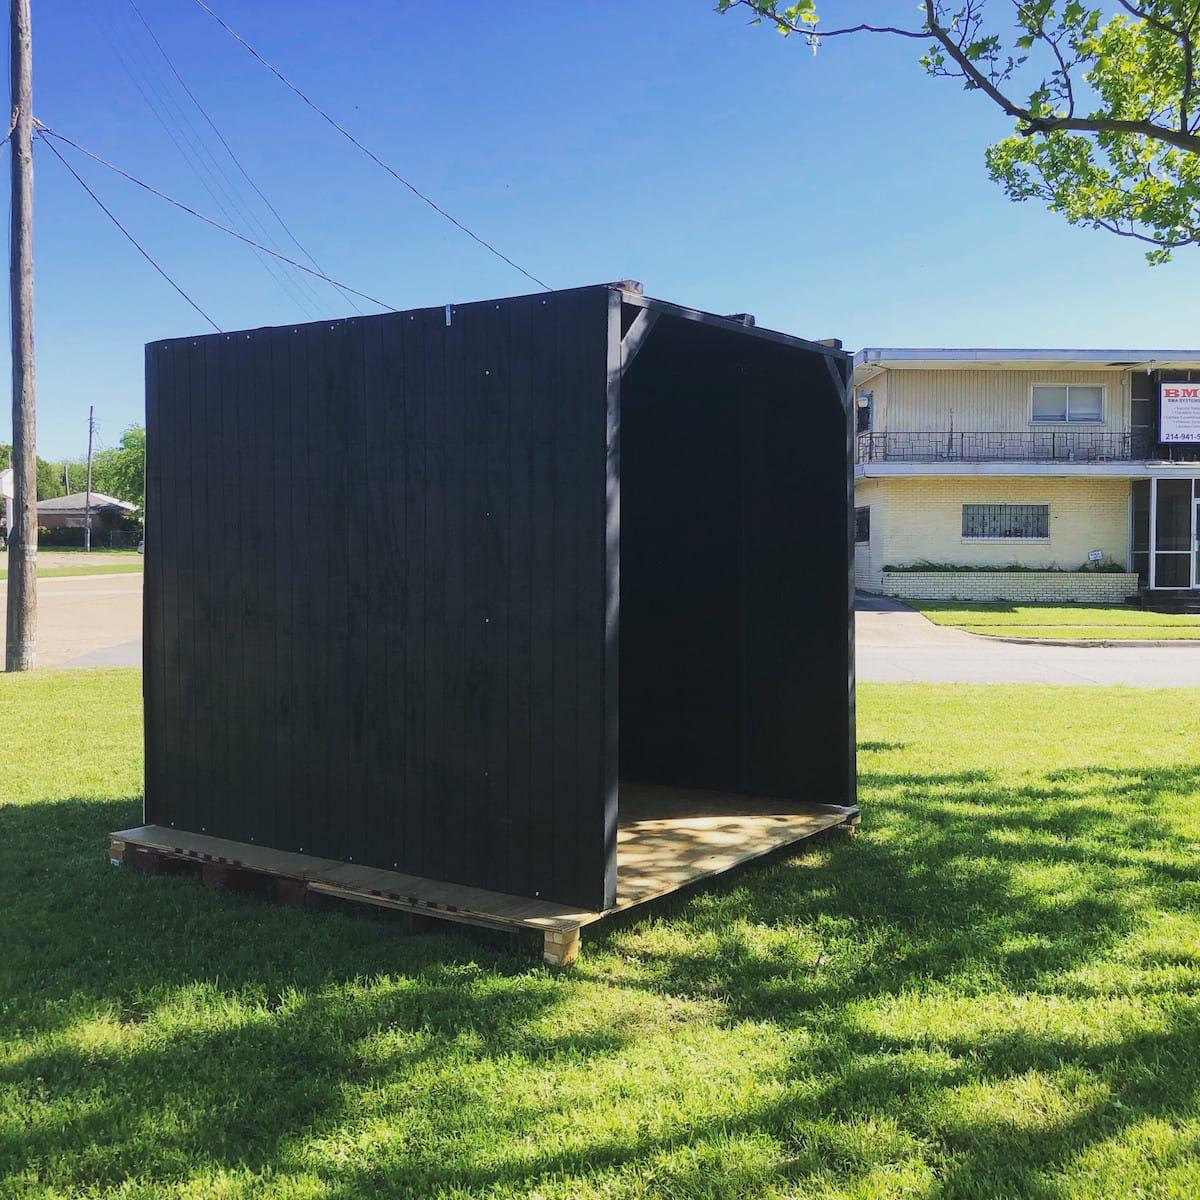 Black Box II by Kiara Walls - Box Raising